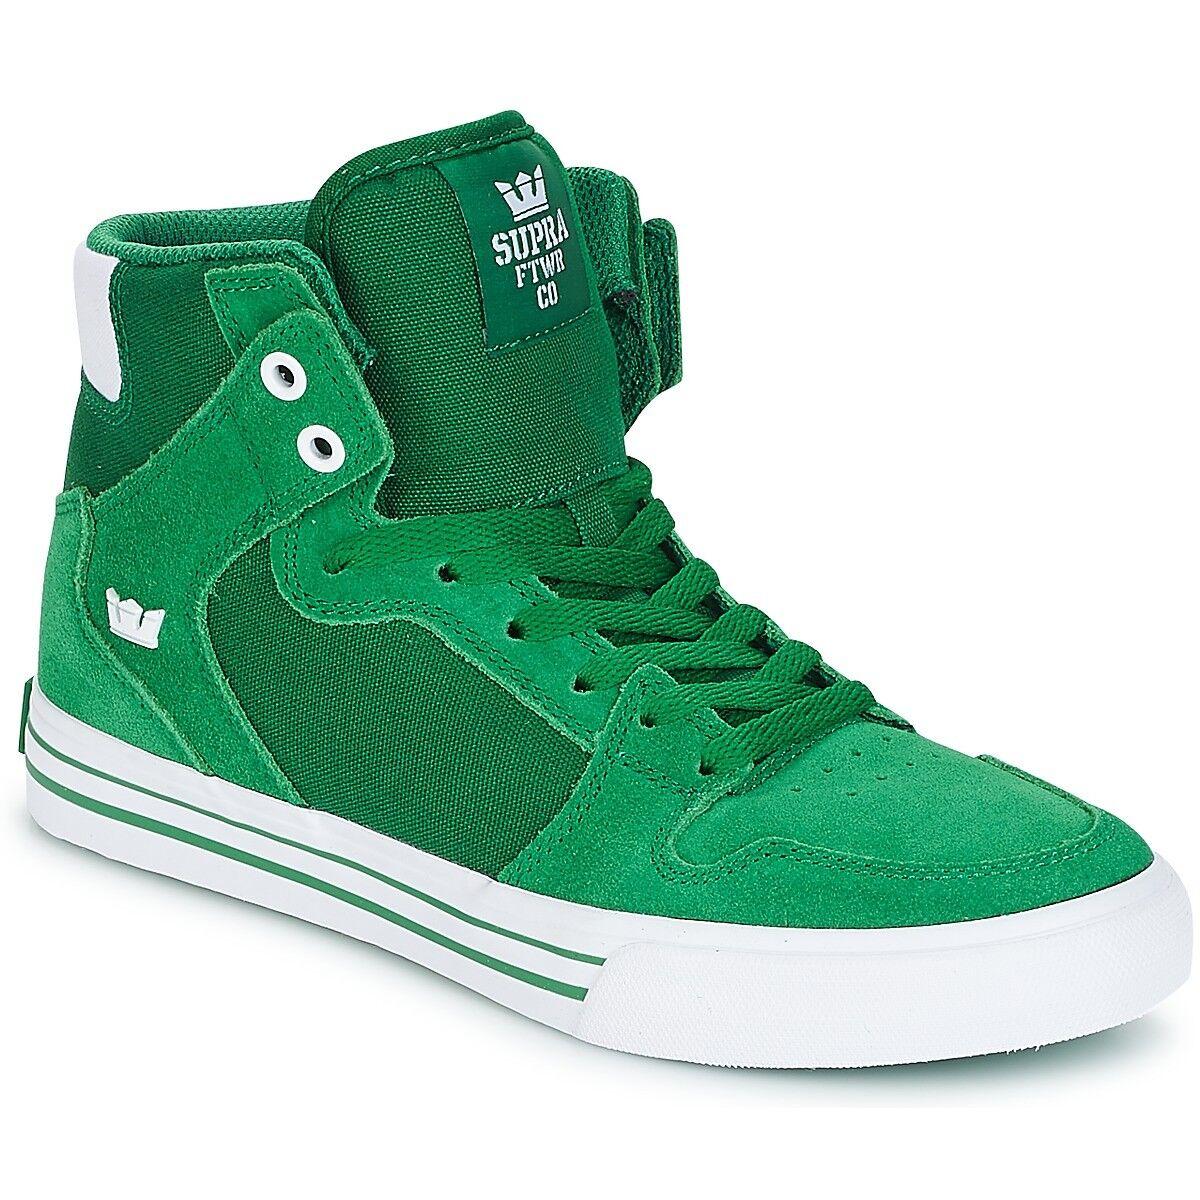 NEW SUPRA VAIDER Schuhe GREEN WEISS 08044-301 SKATEBOARDING Schuhe VAIDER 13 dad2c5